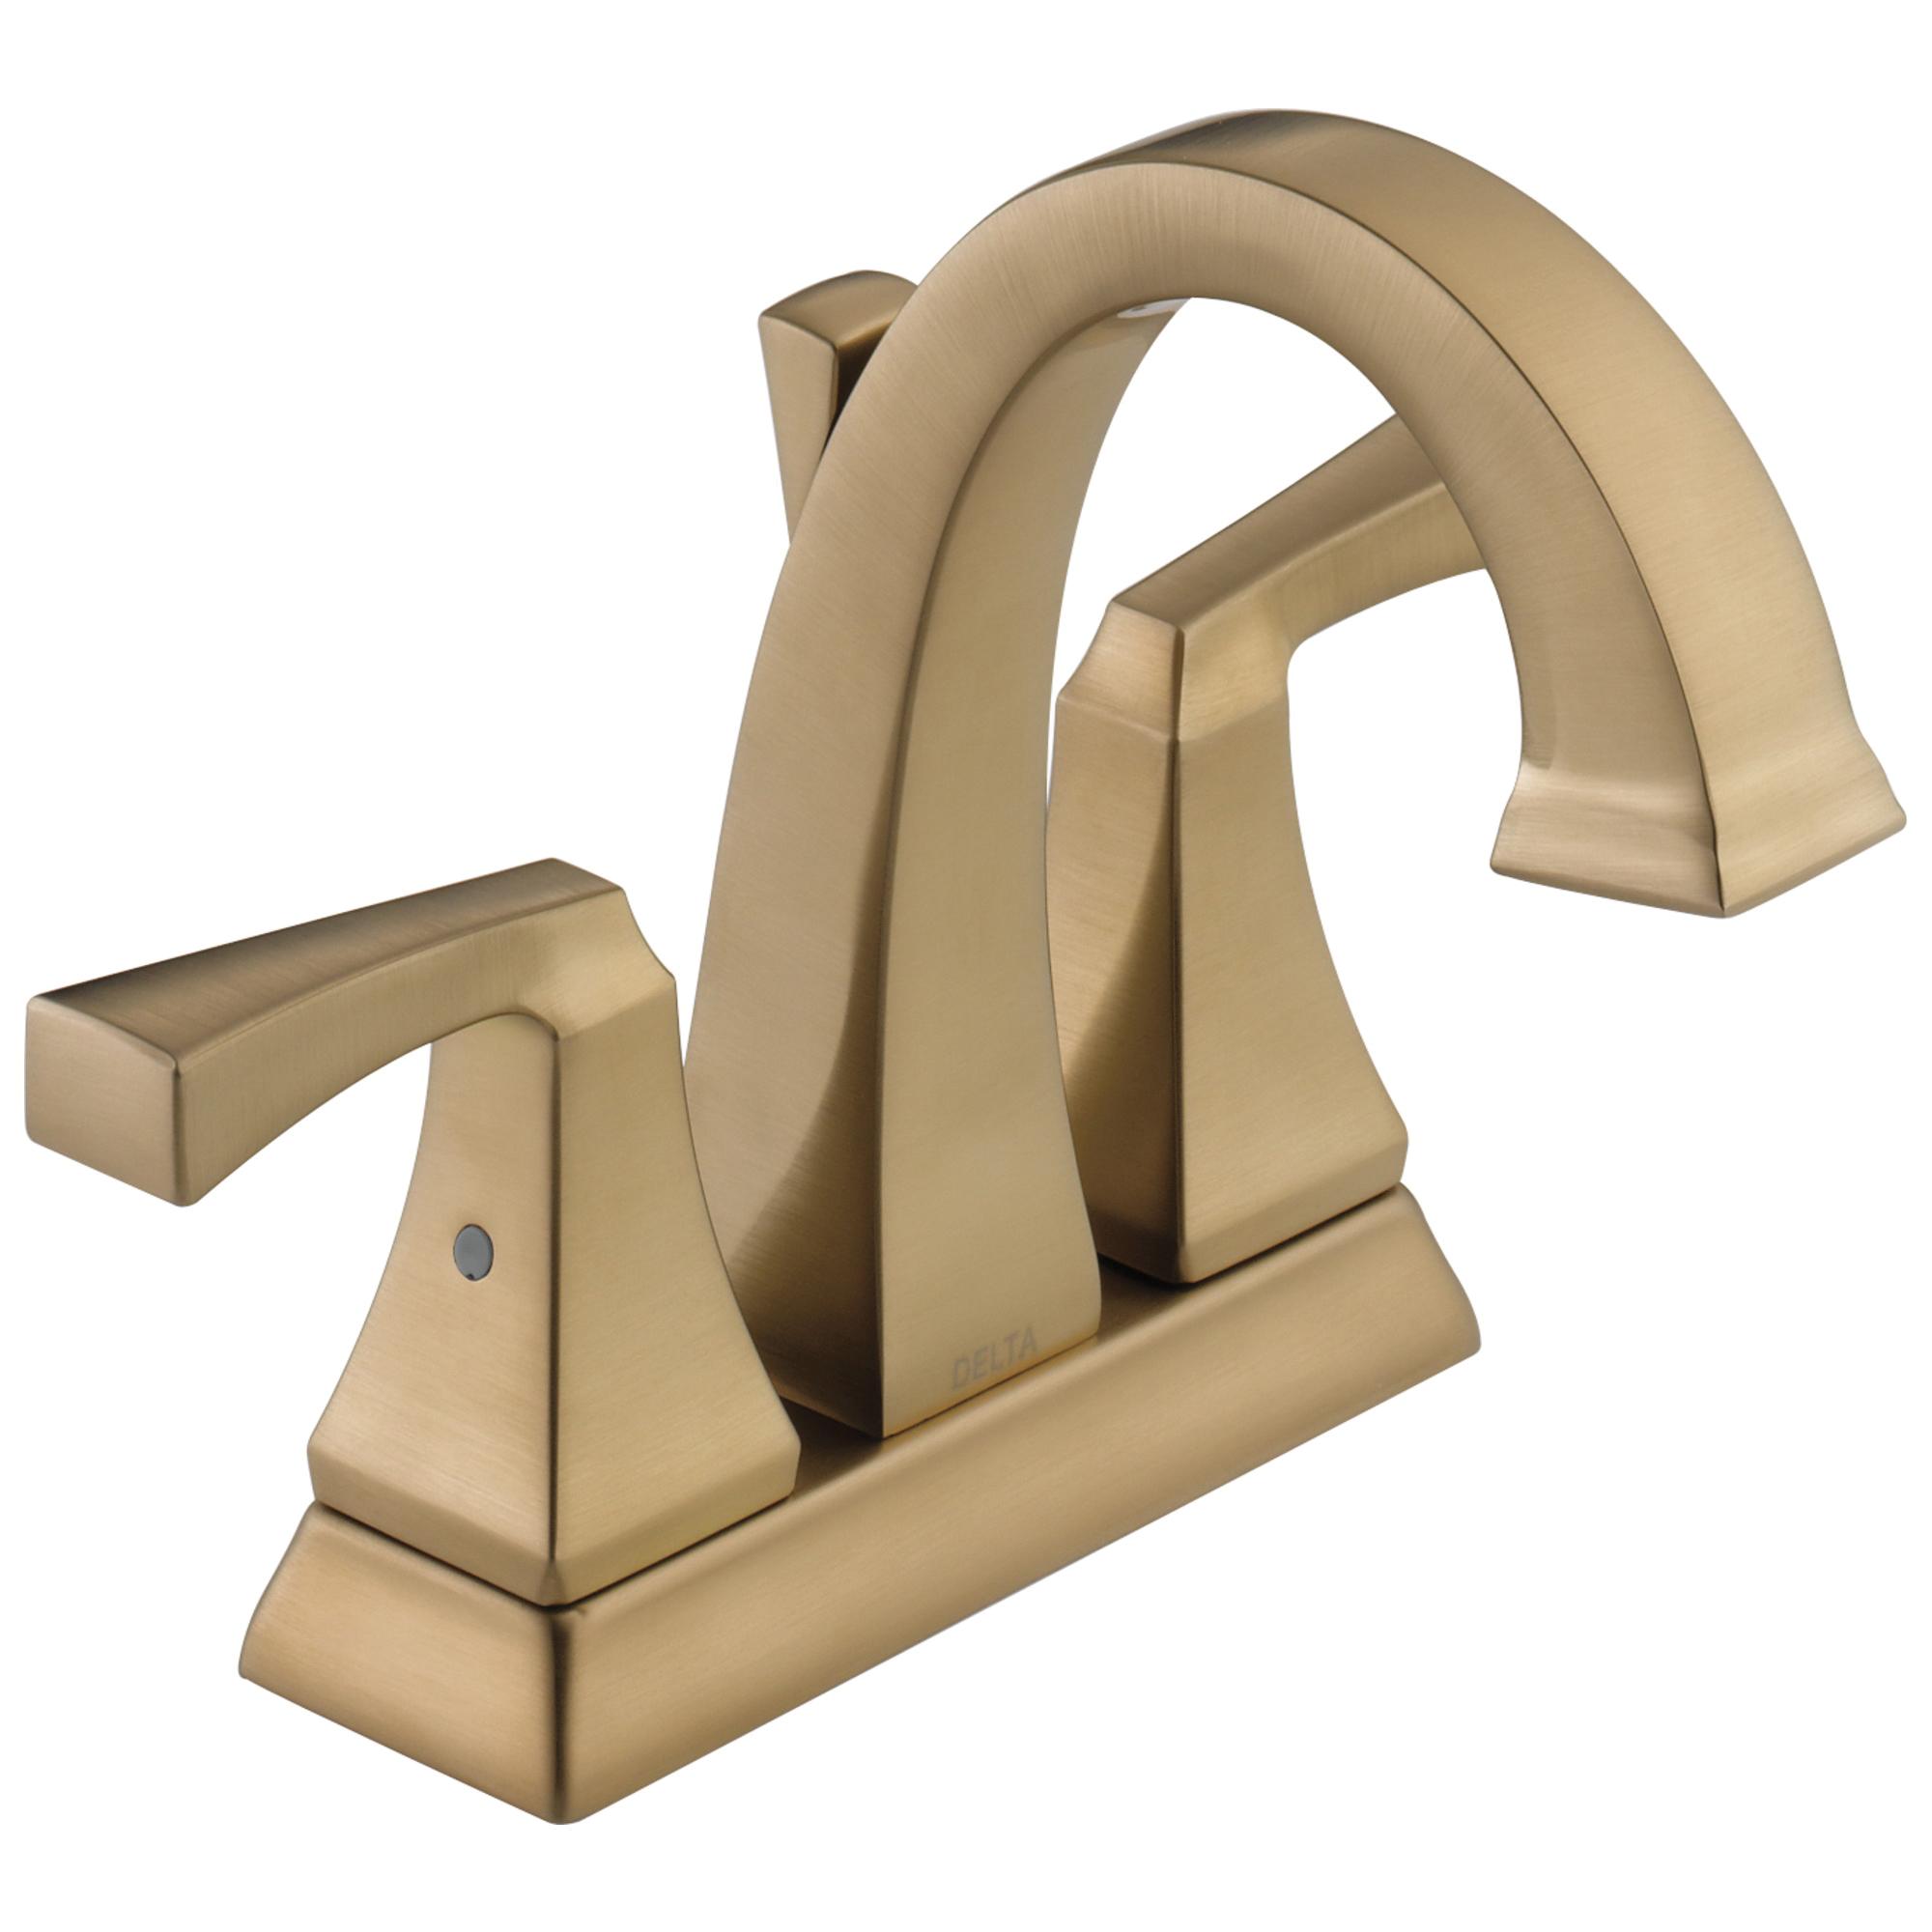 DELTA® 2551-CZMPU-DST Centerset Lavatory Faucet, Dryden™, Champagne Bronze, 2 Handles, Metal Pop-Up Drain, 1.2 gpm